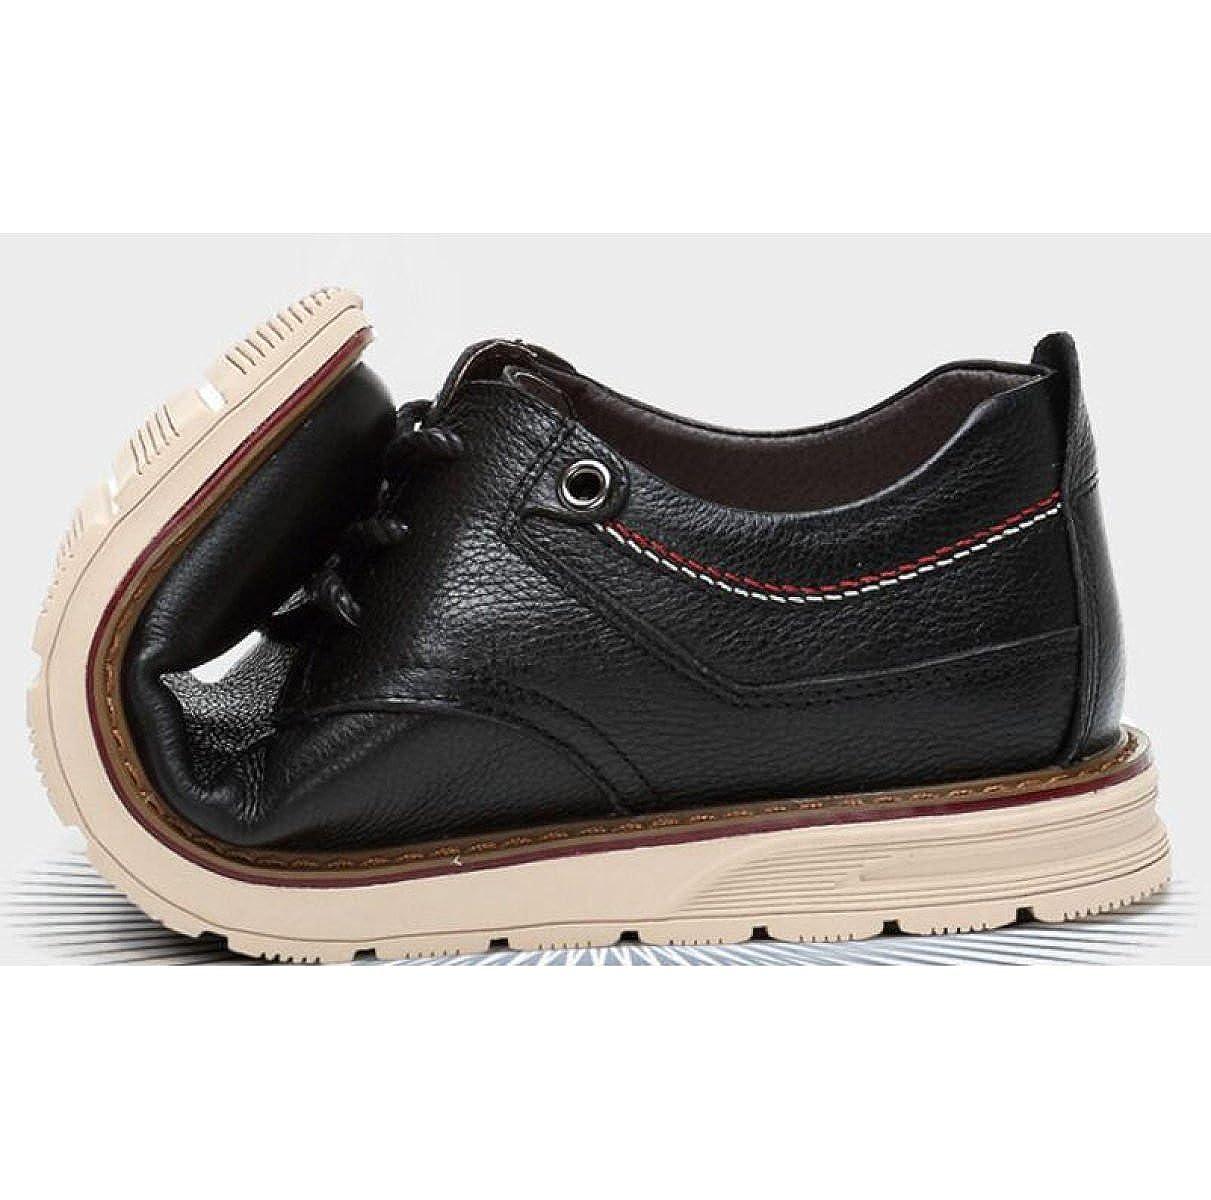 GTYMFH GTYMFH GTYMFH Los Zapatos De Los Hombres De Cuero De Los Hombres La Moda El Encaje Los Zapatos Casuales Cómodos Zapatos De Conducción 3391a0